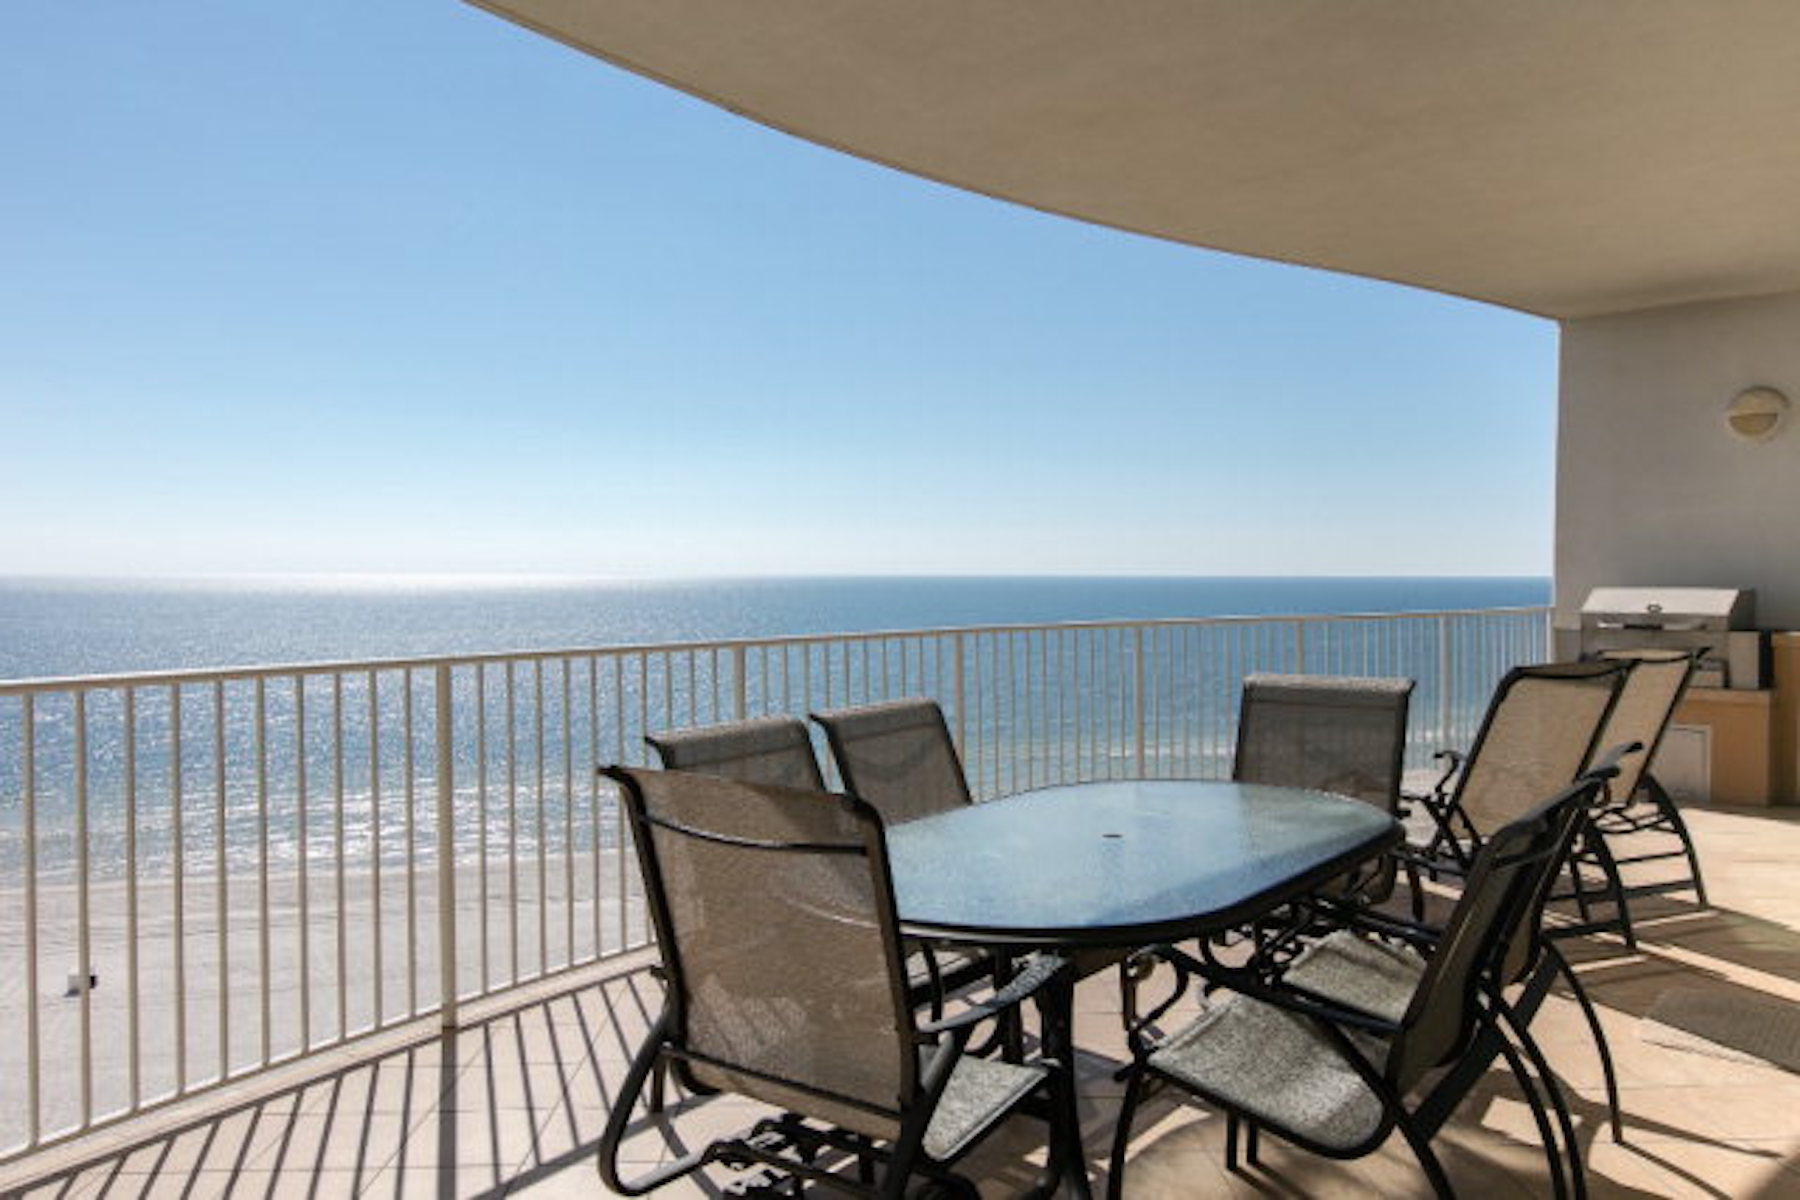 شقة بعمارة للـ Sale في Turquoise Place Tower D 26302 Perdido Beach Blvd. Unit D802, Orange Beach, Alabama, 36561 United States